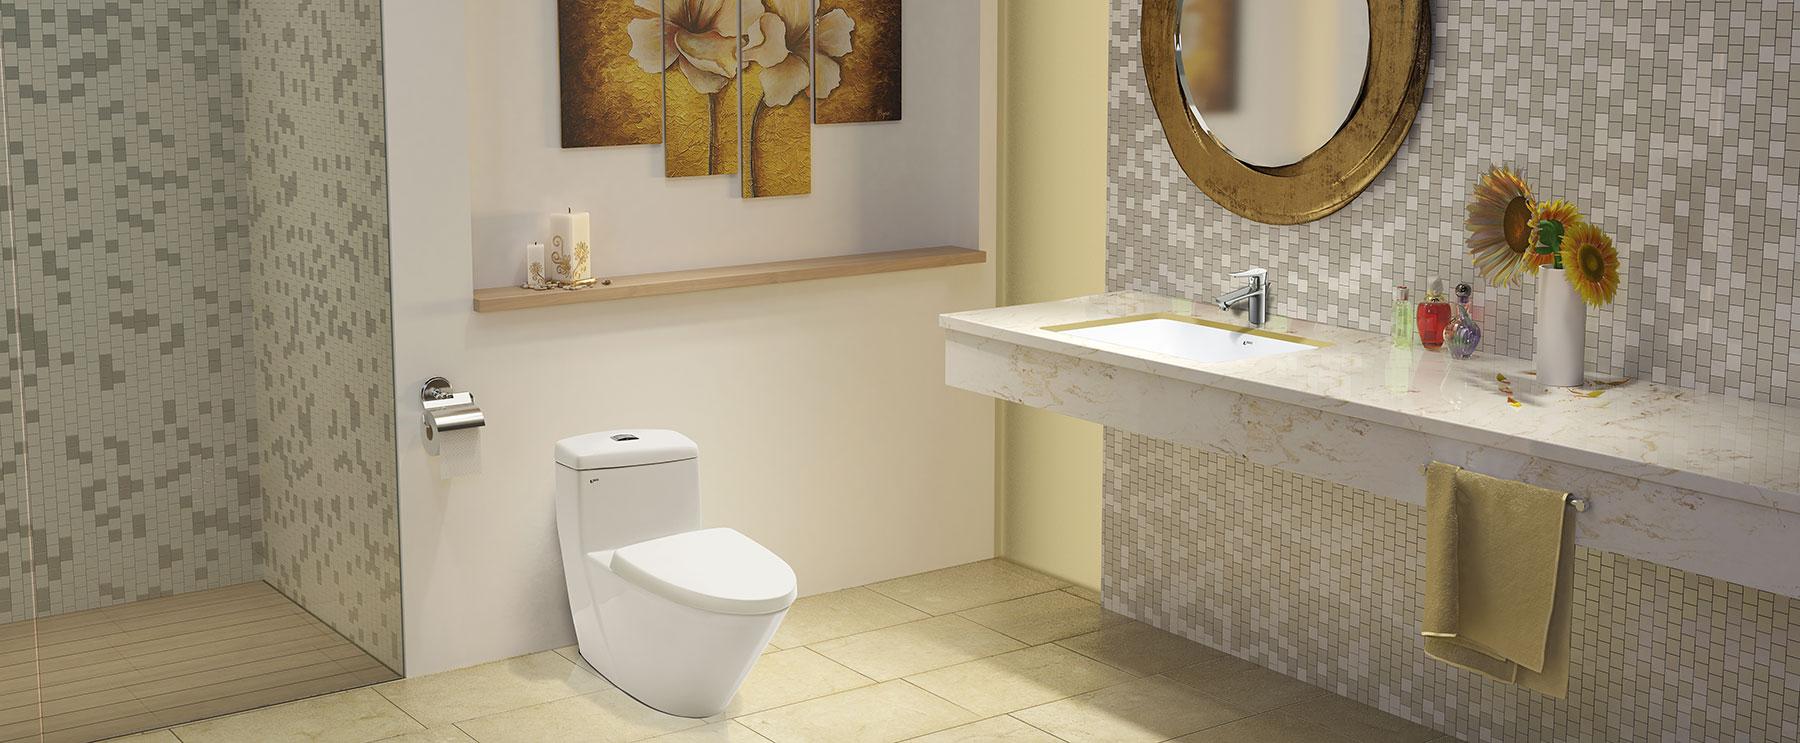 So sánh thiết bị vệ sinh viglacera và inax theo tiêu chí nào?